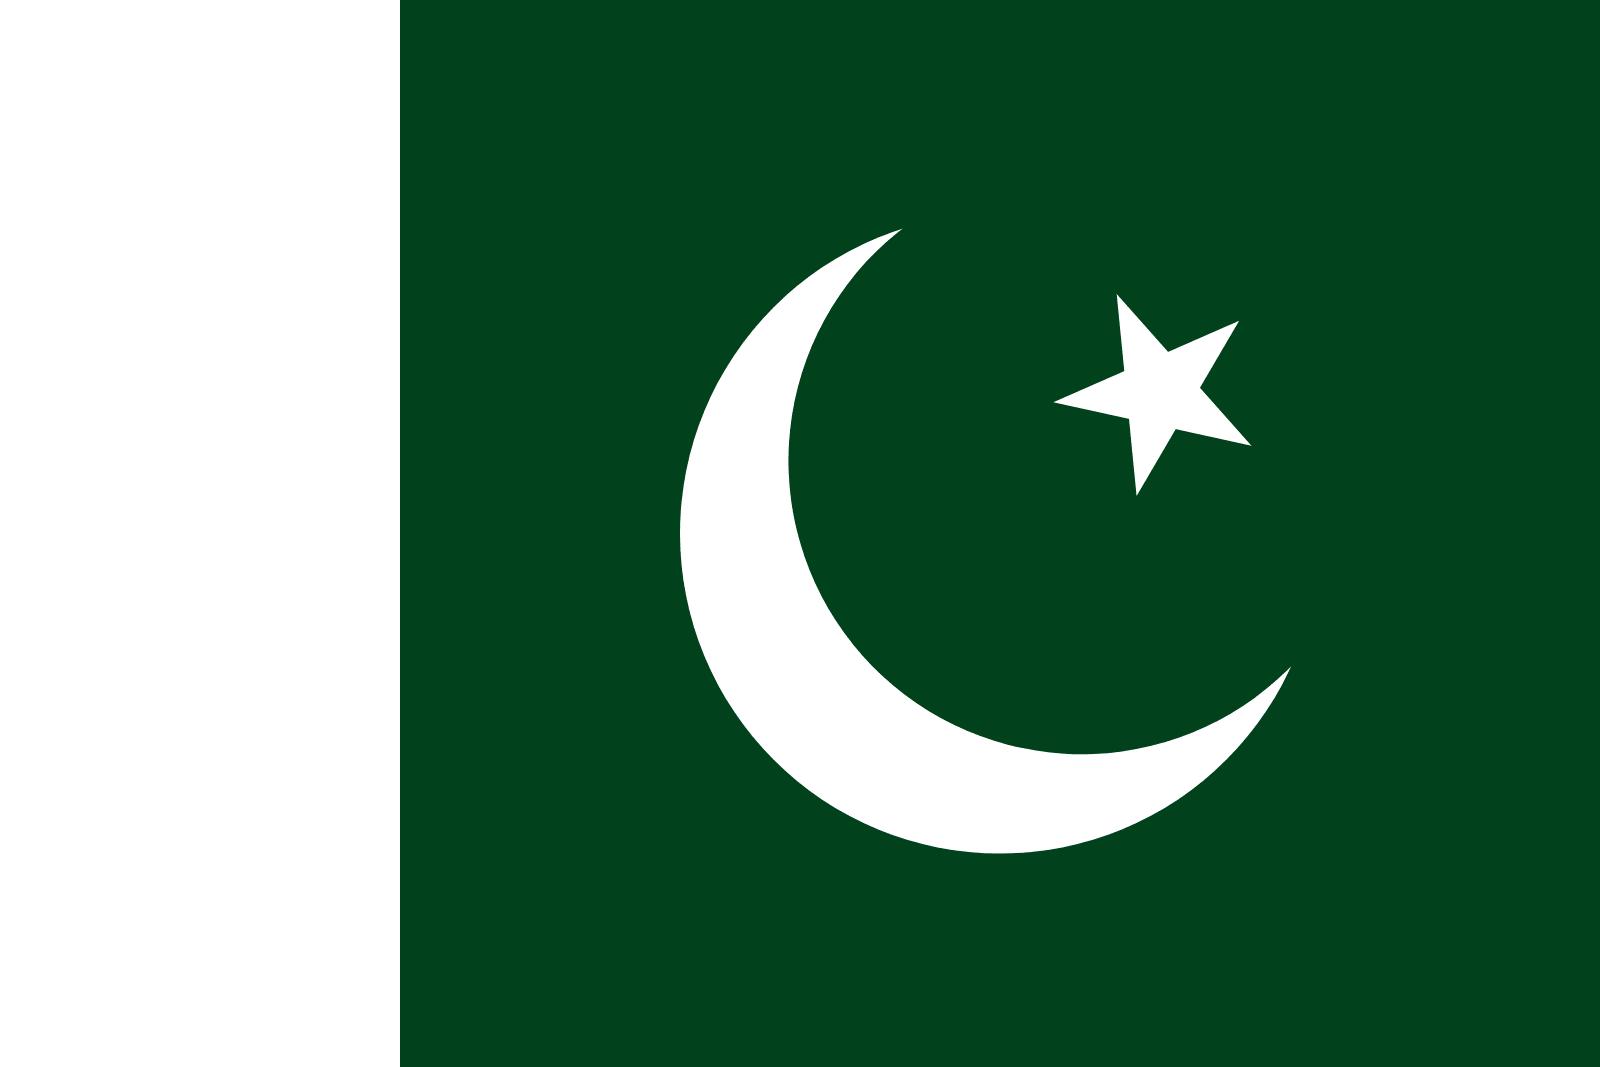 Pakistan'nın Başkenti ve Para Birimi Nedir? Pakistan'nın Bayrağı Nasıldır?